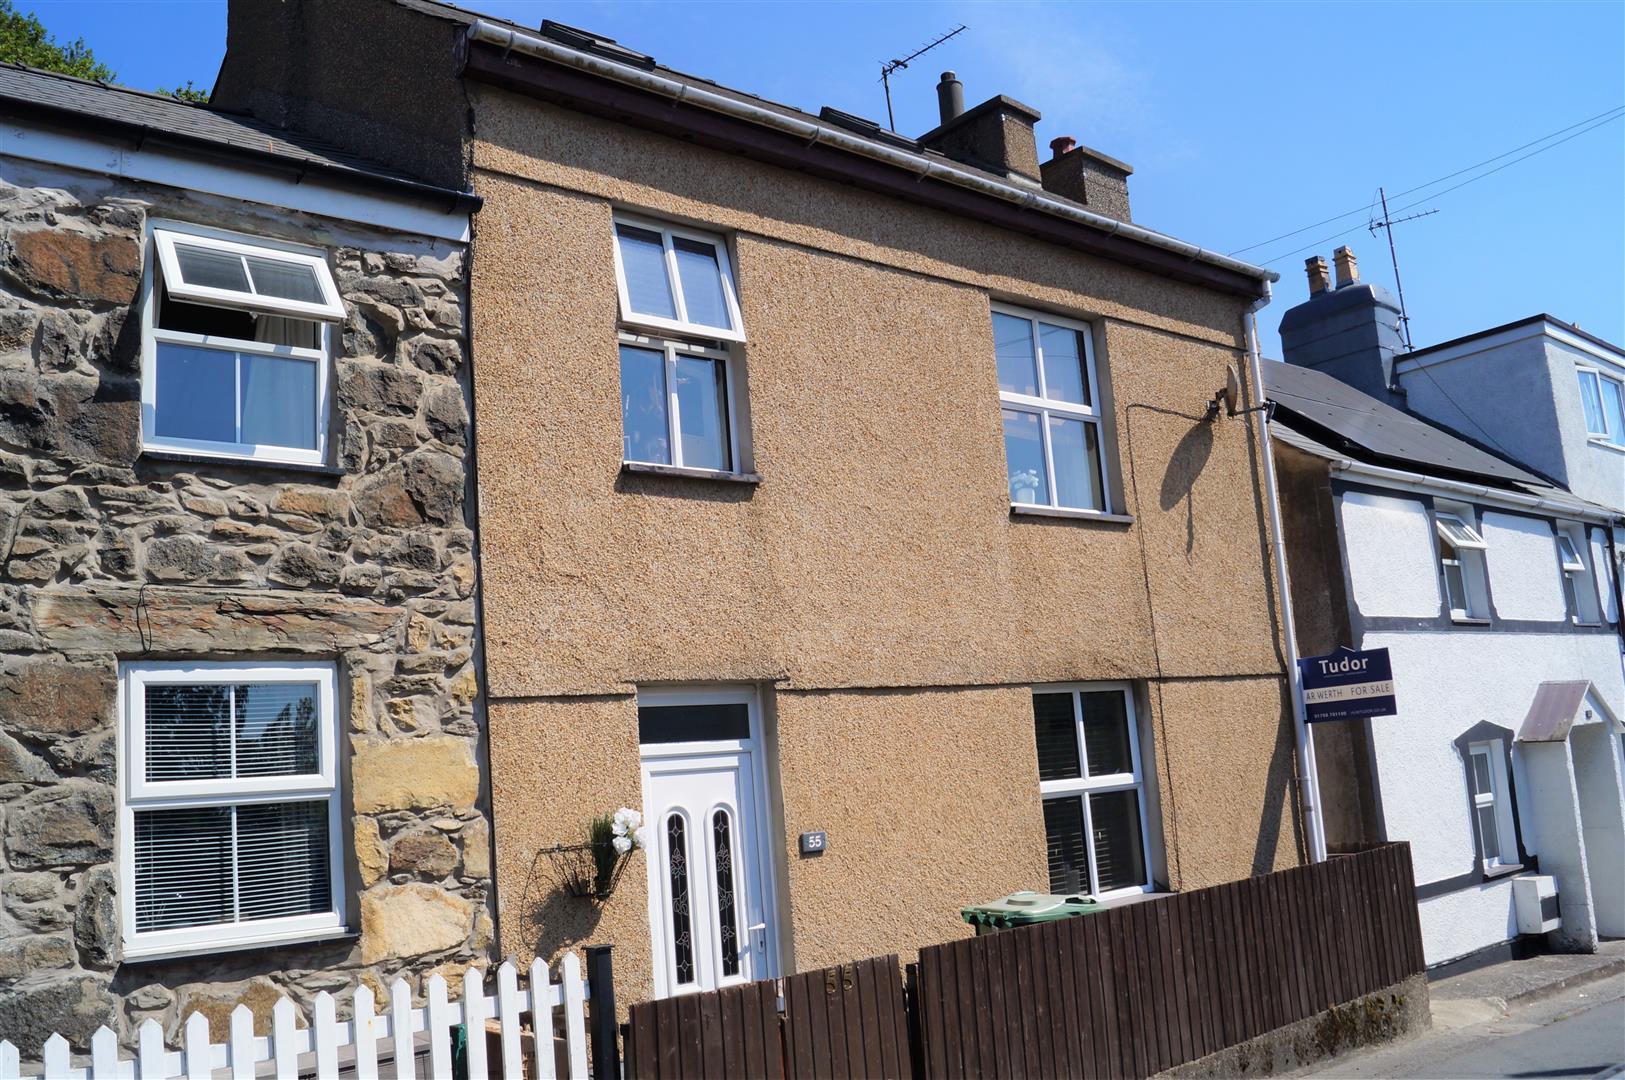 Lleyn Street, Pwllheli - £157,000/Price guide